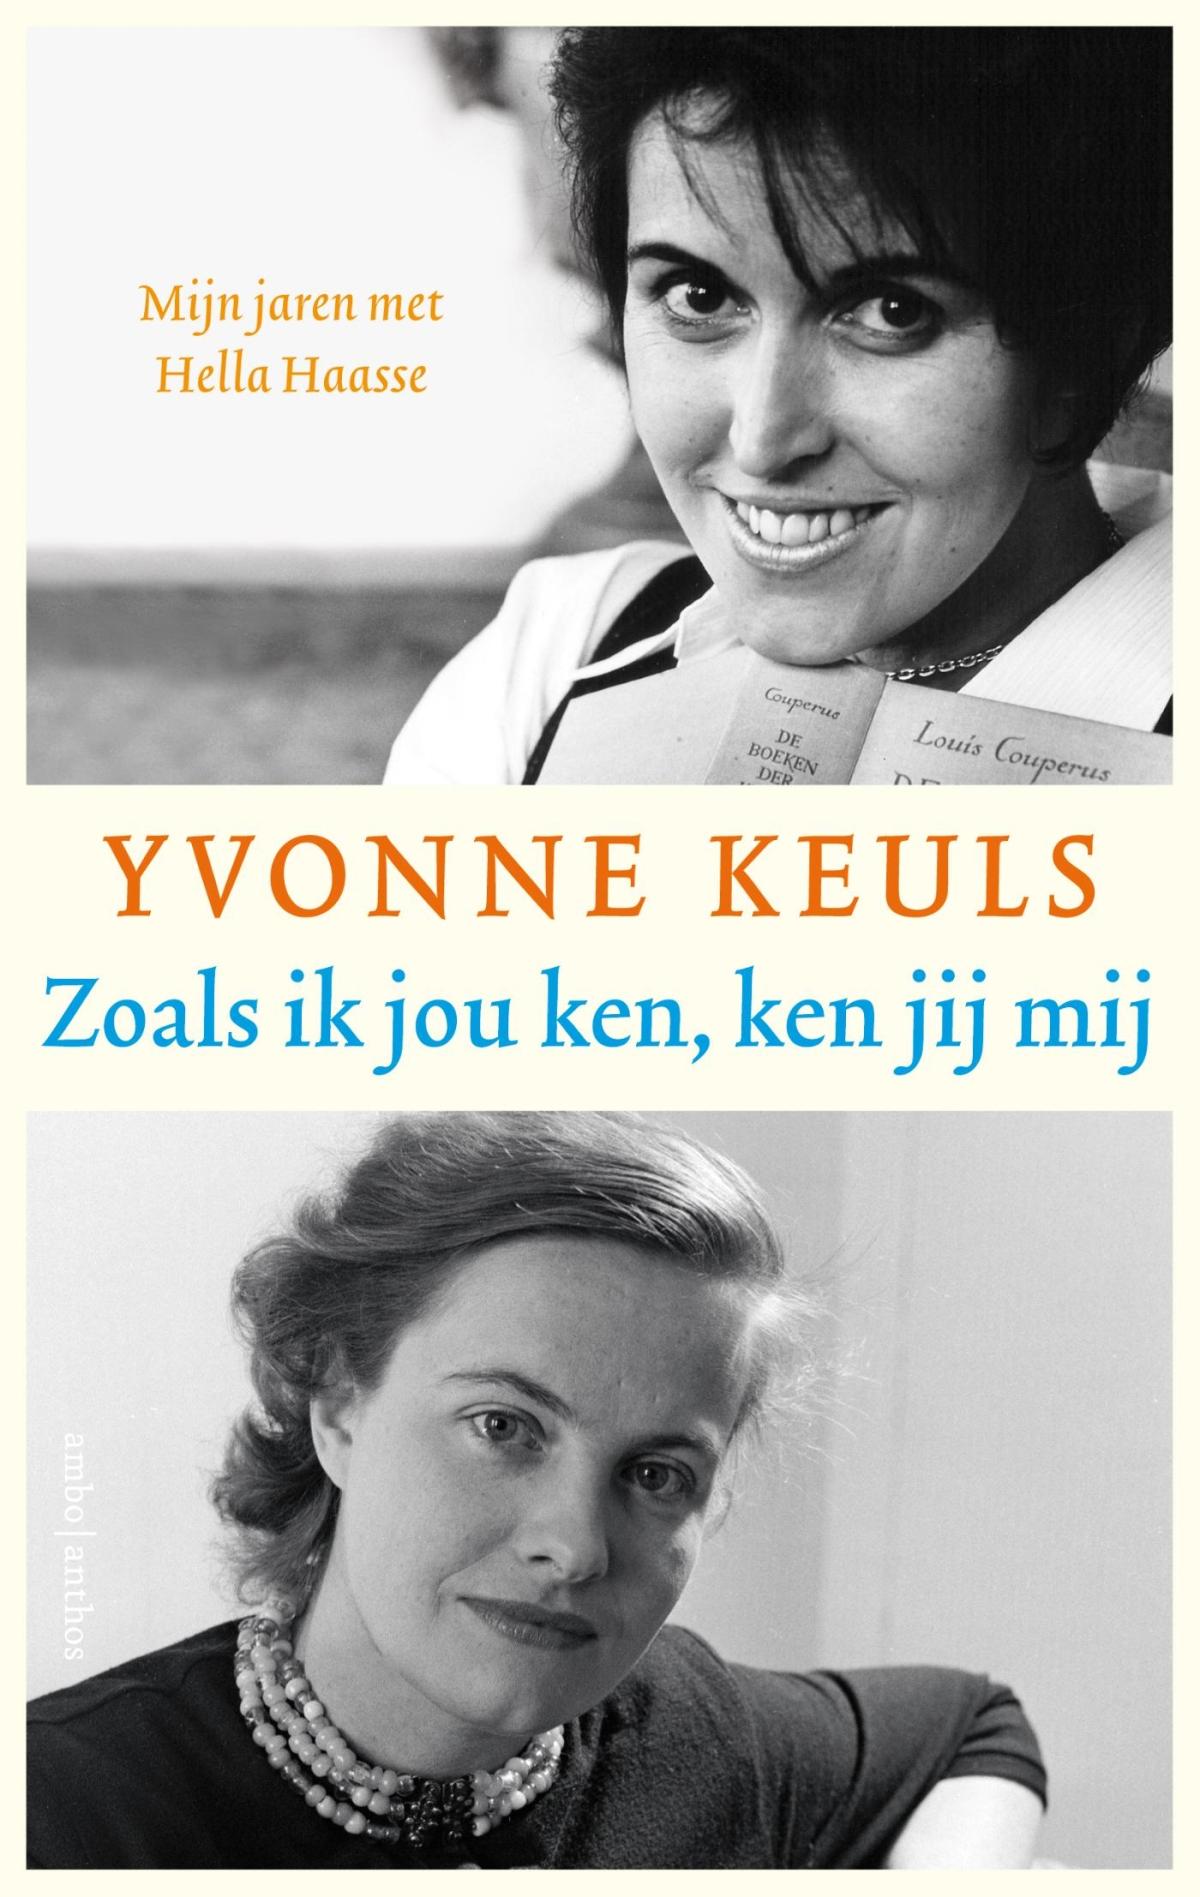 Zoals ik jou ken, ken jij mij - Yvonne Keuls